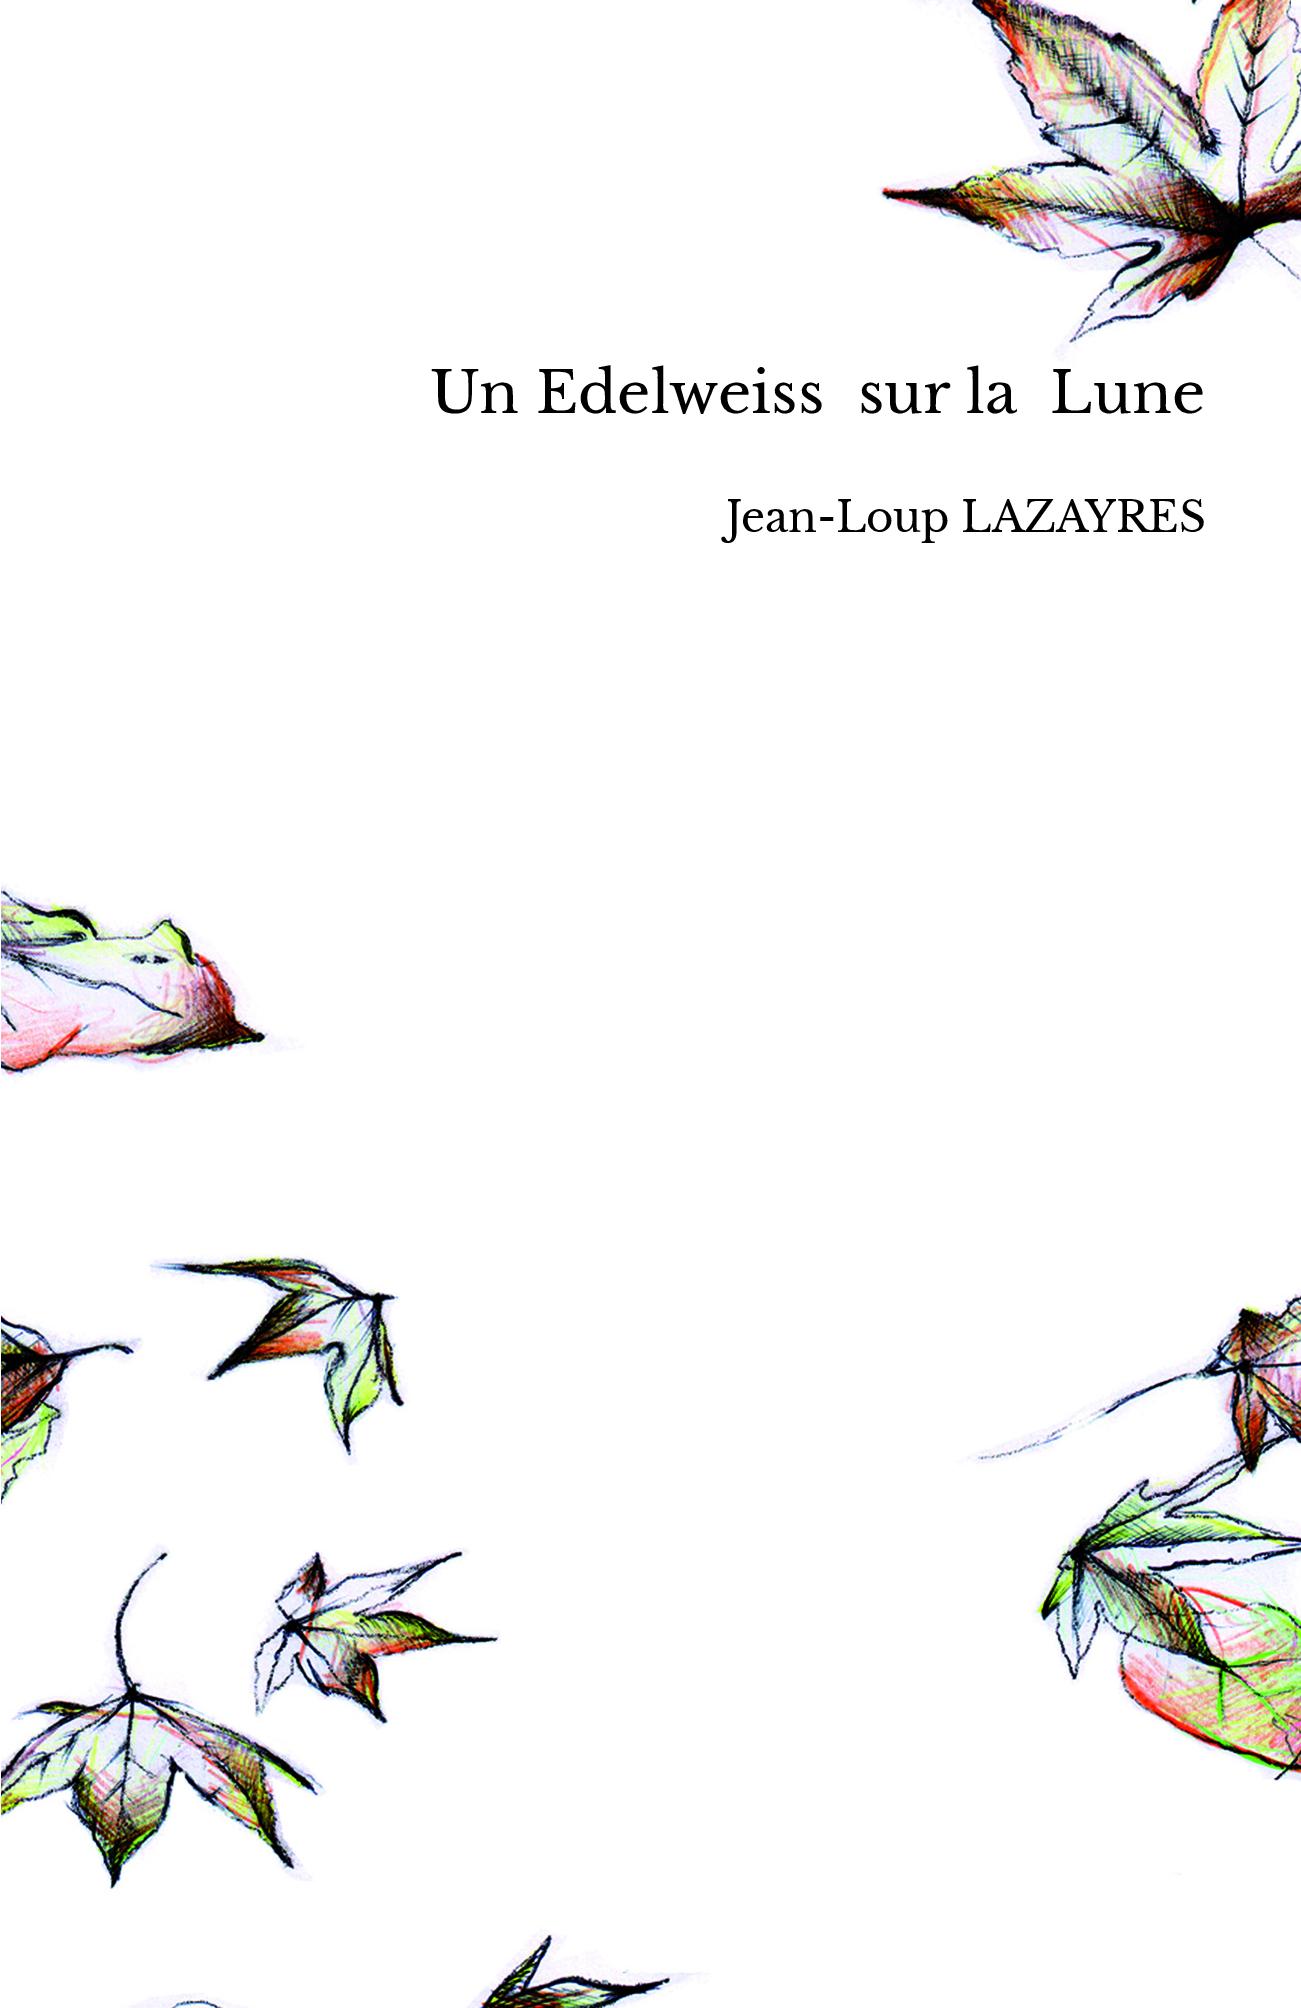 Un Edelweiss sur la Lune